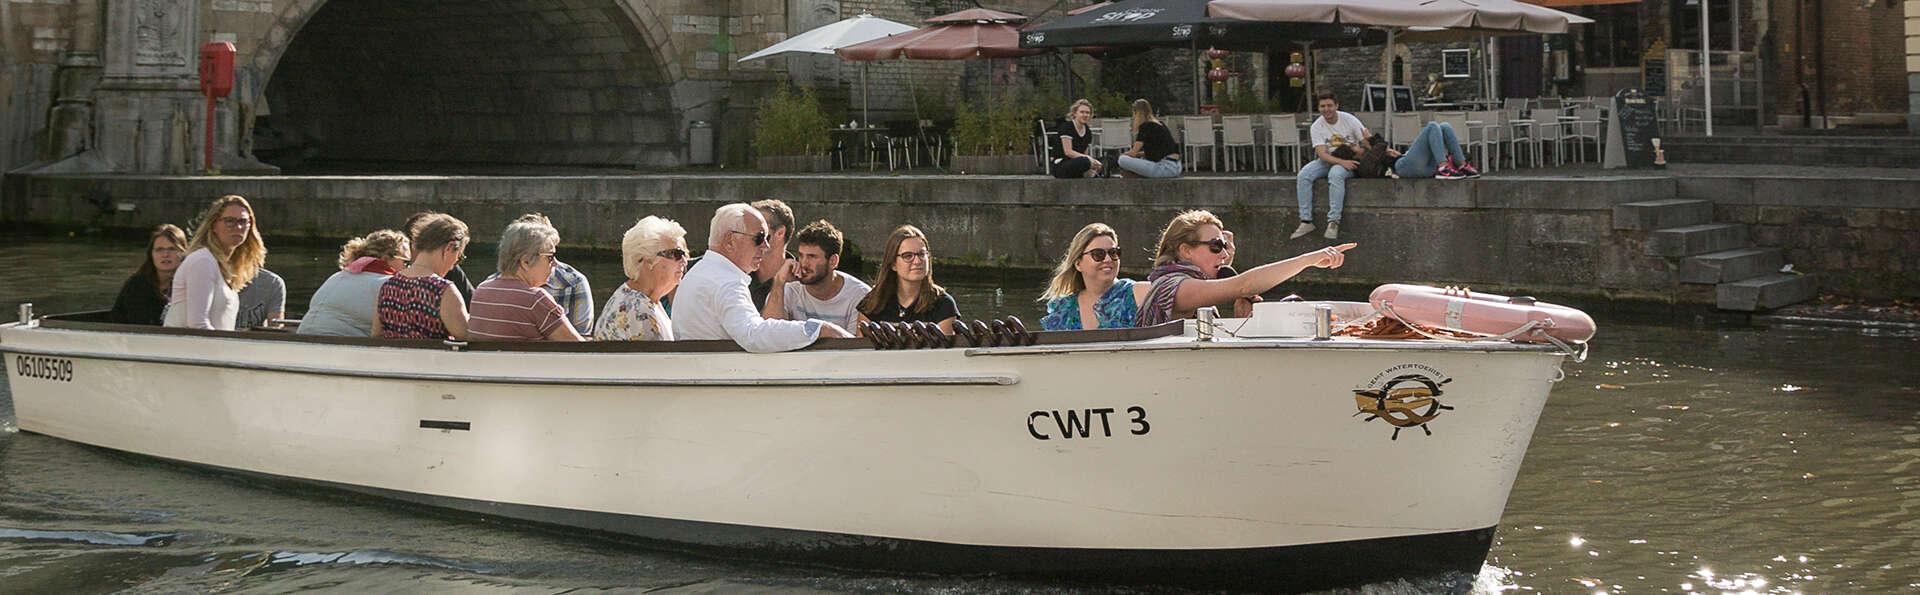 Séjour confort à la découverte de Gand avec balade en bateau incluse